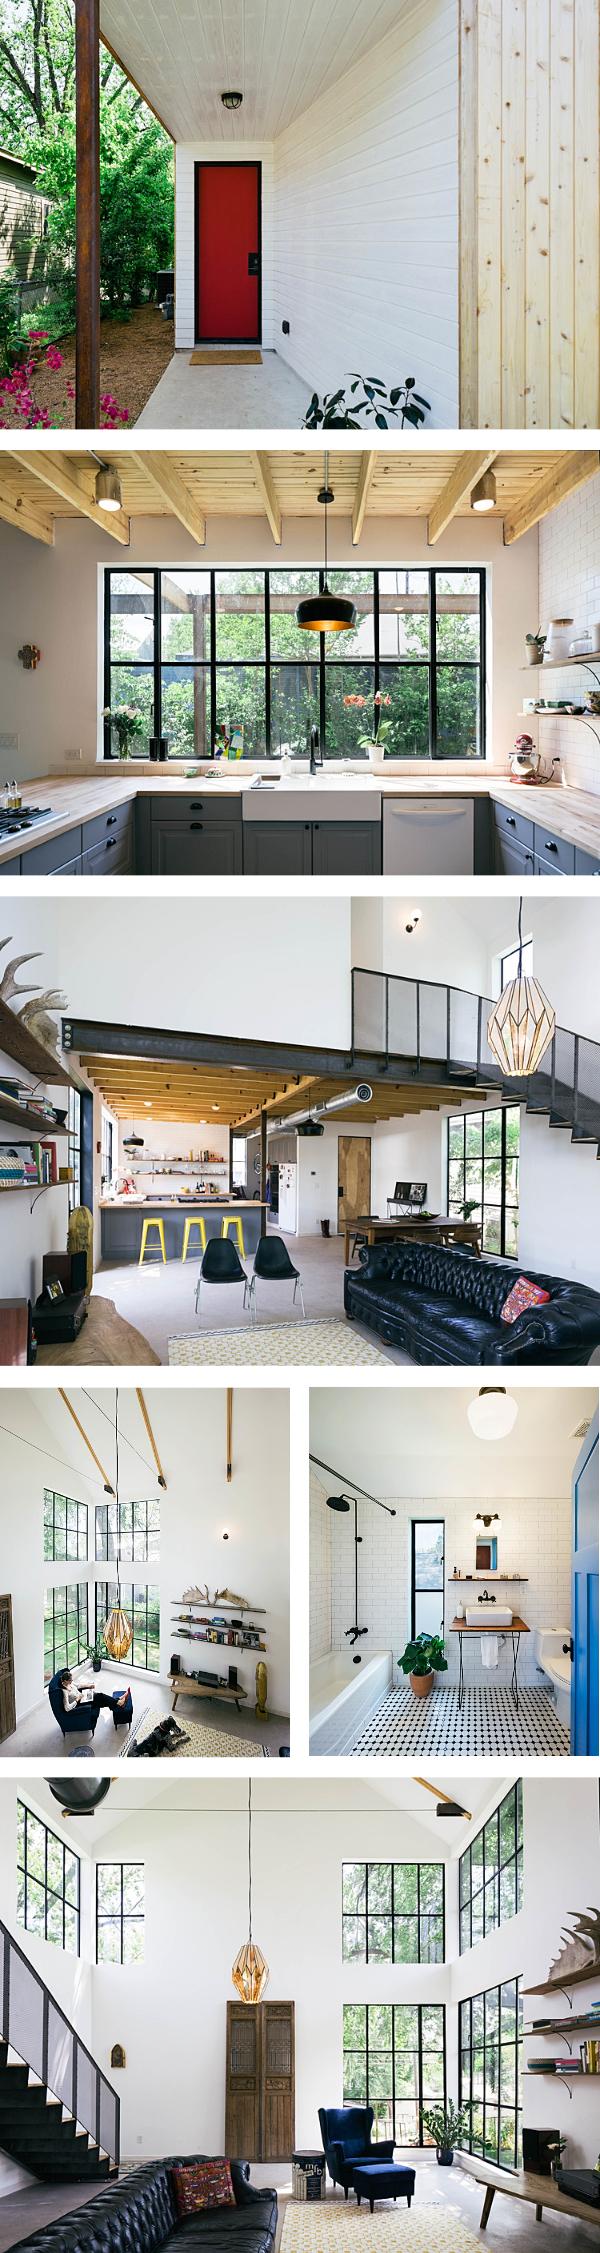 Traumhaftes Holzhaus in Austin, Texas